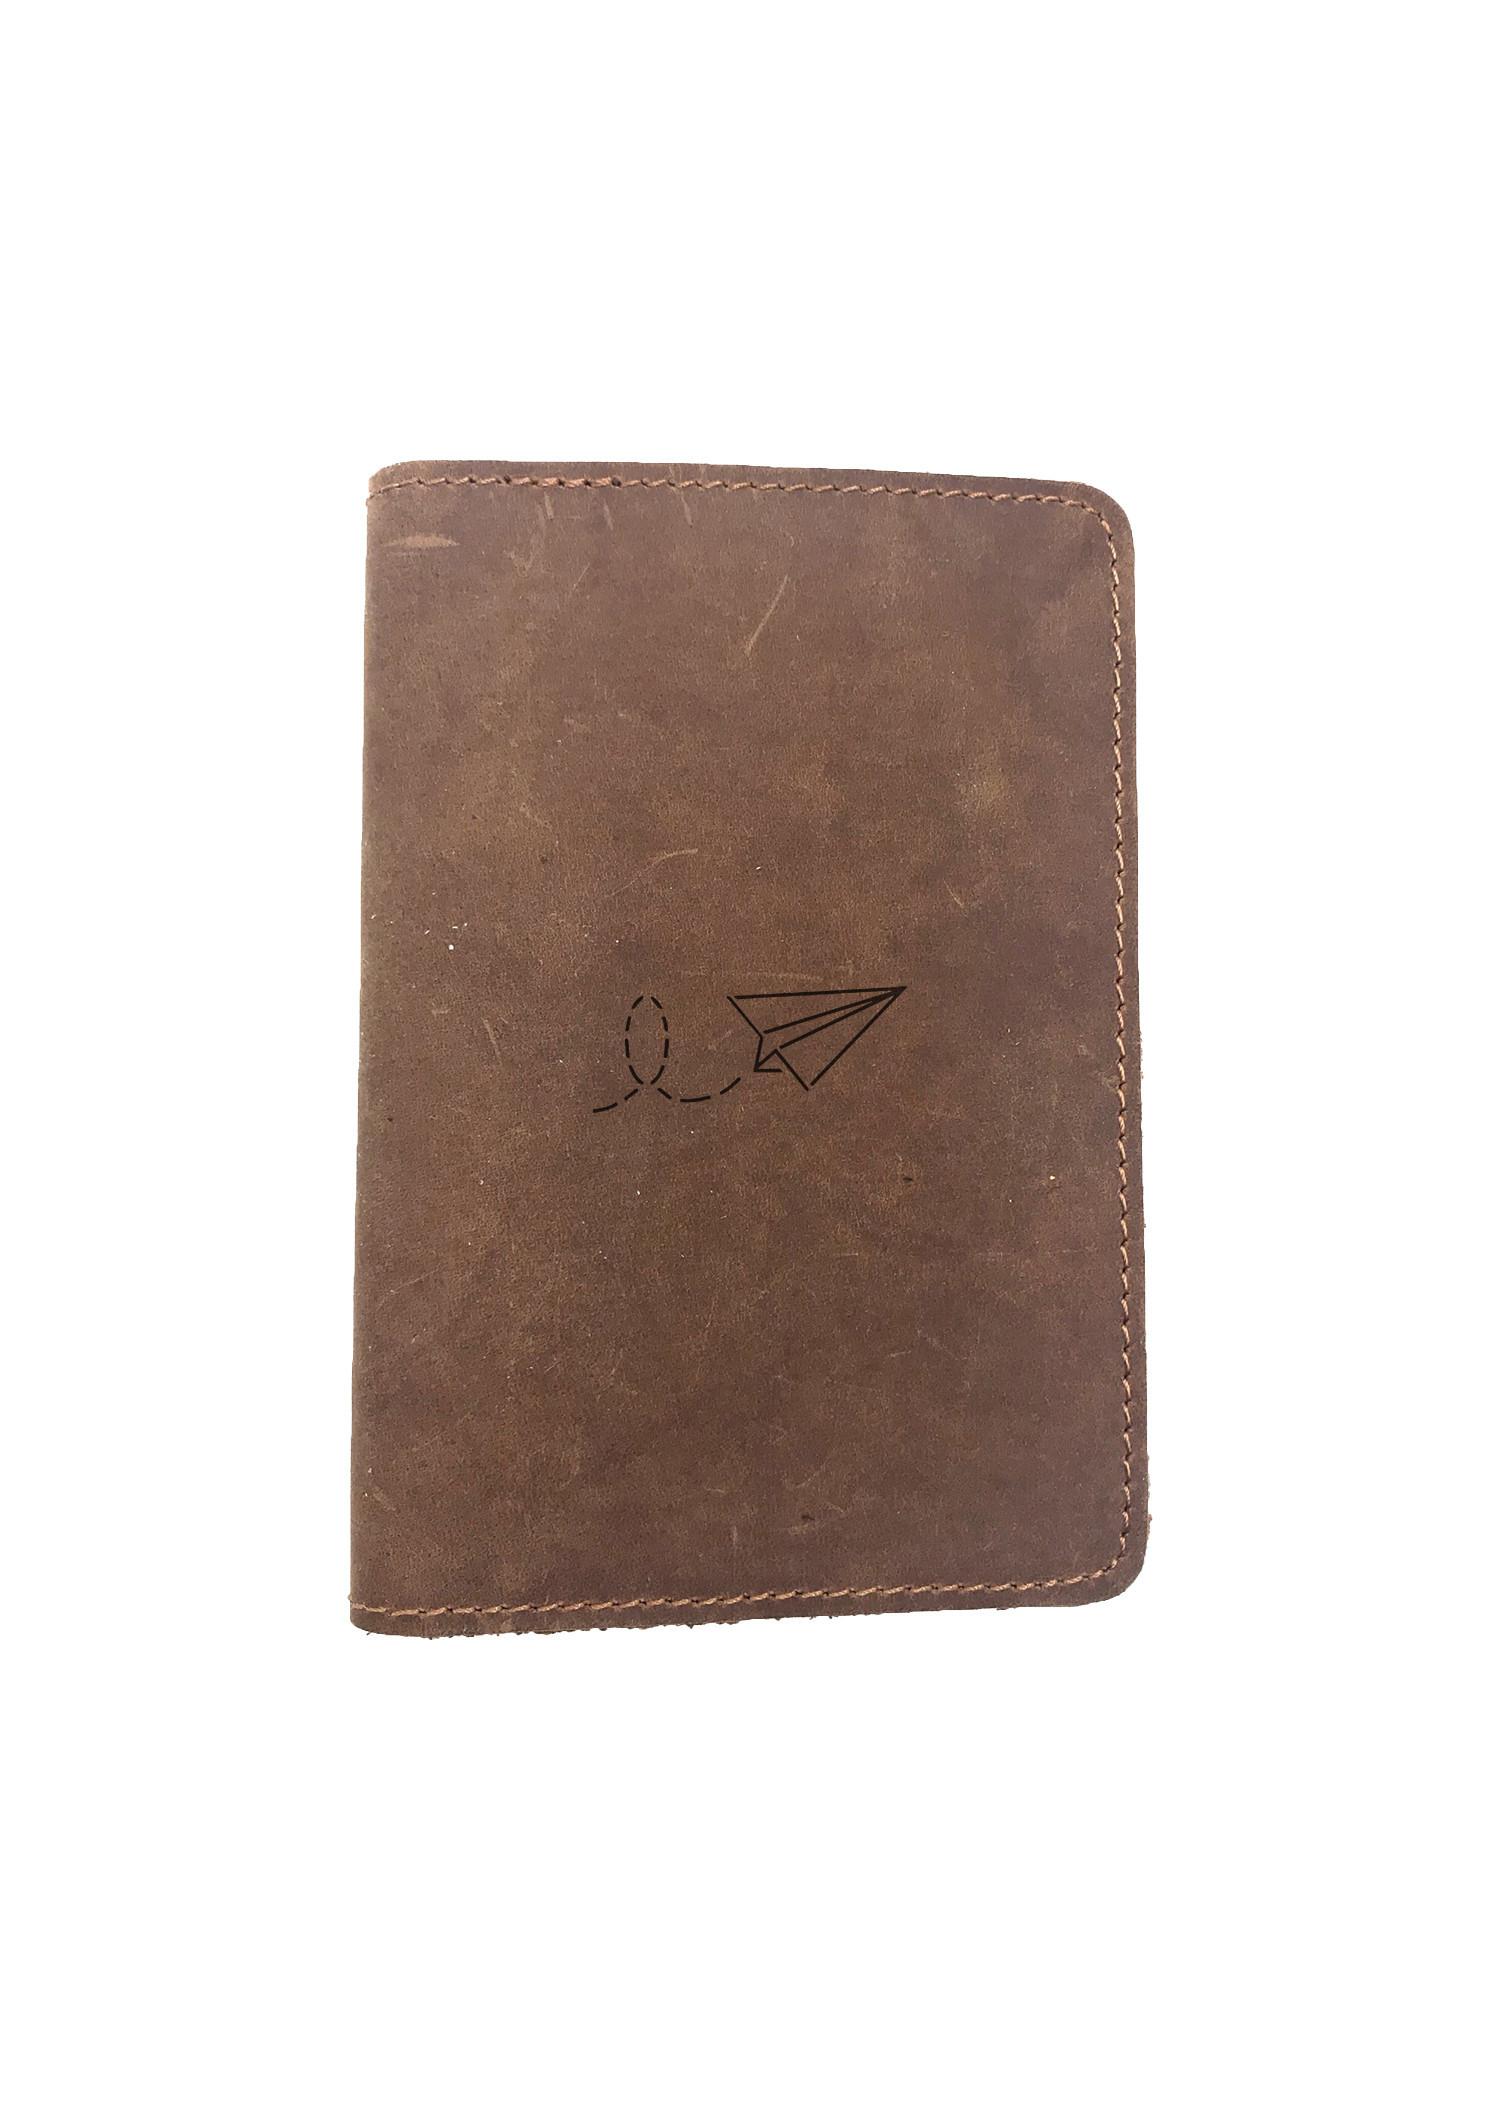 Passport Cover Bao Da Hộ Chiếu Da Sáp Khắc Hình Máy bay TRAVEL PAPER PLANE (BROWN)